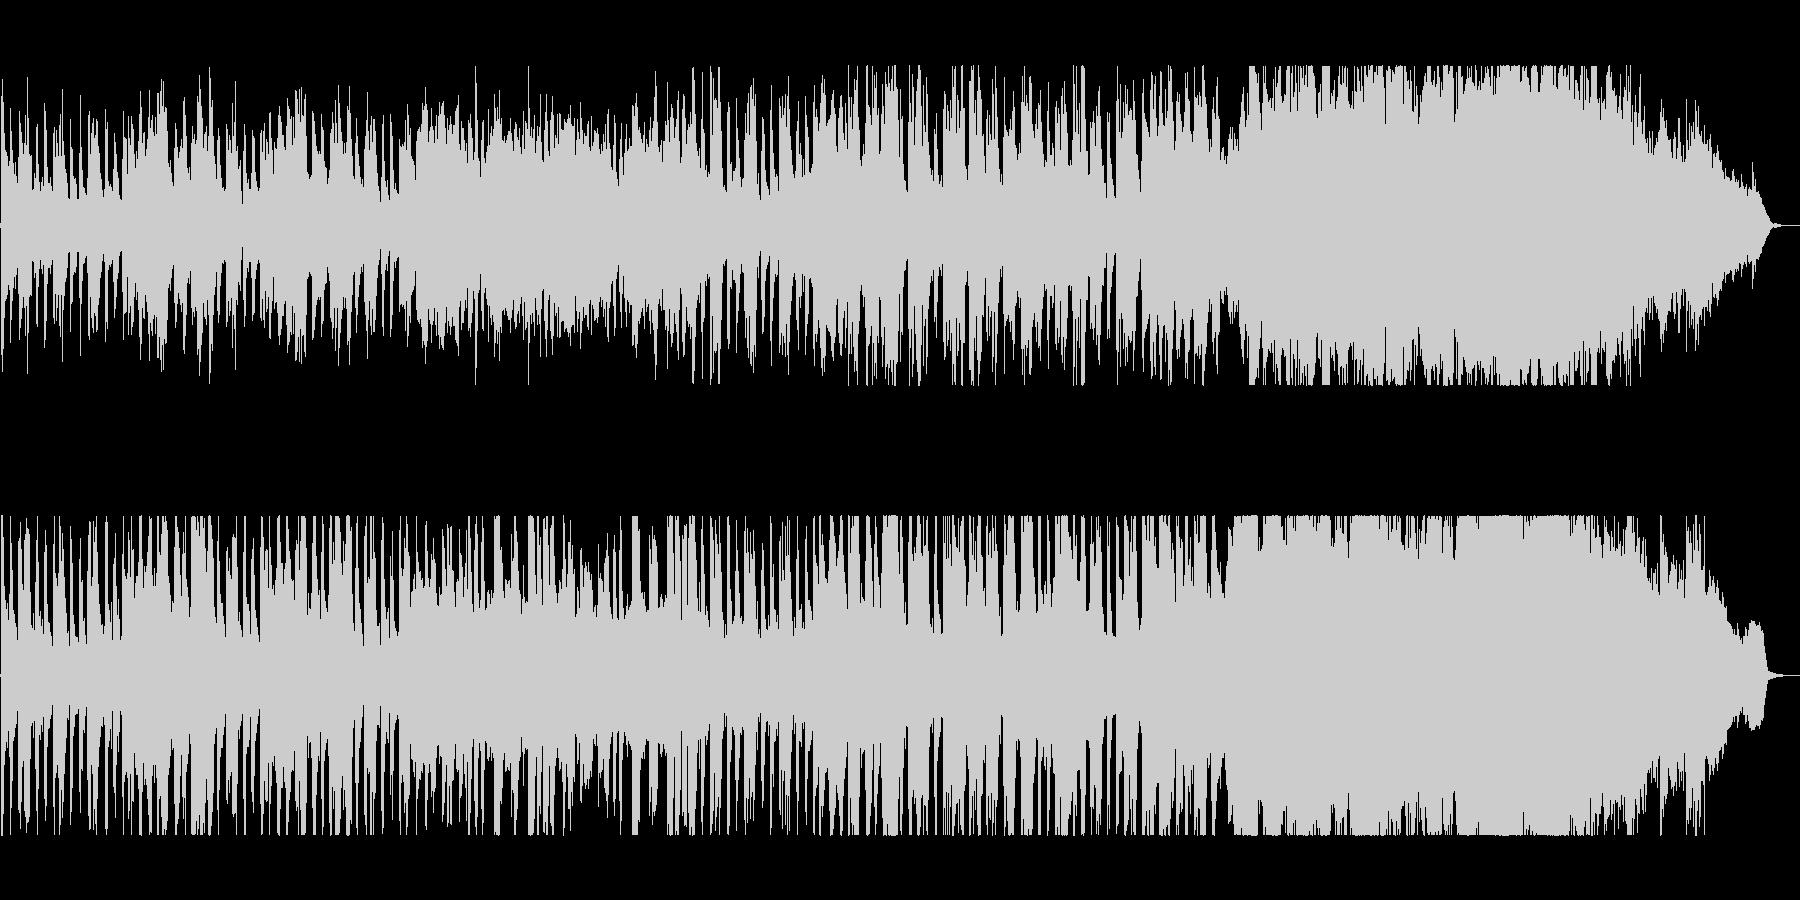 スケール感のある壮大なバラードの未再生の波形